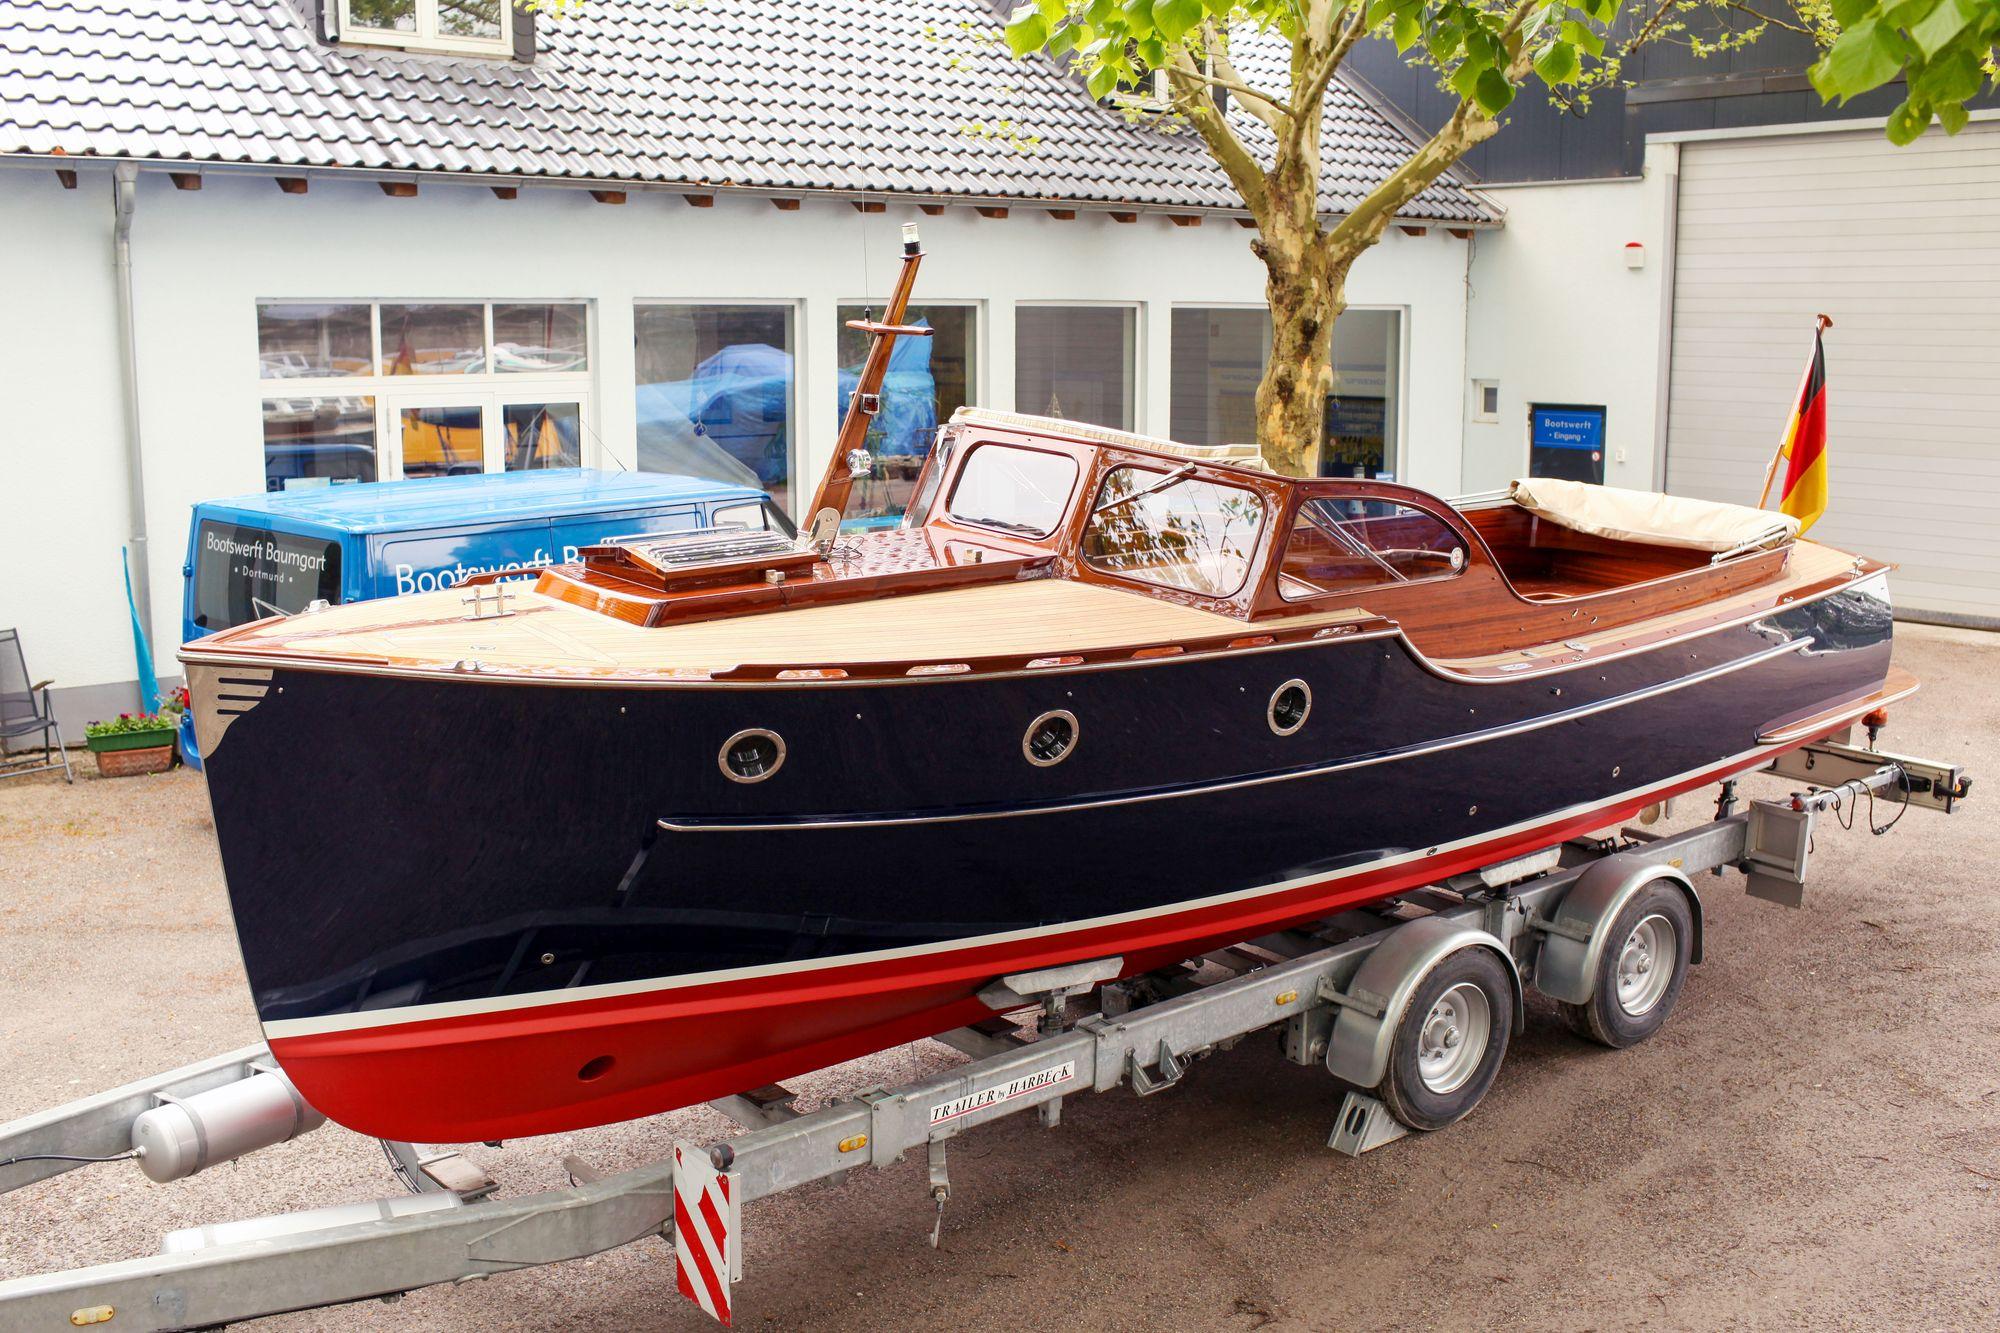 Rapsody 29C in der Bootswerft Baumgart Dortmund